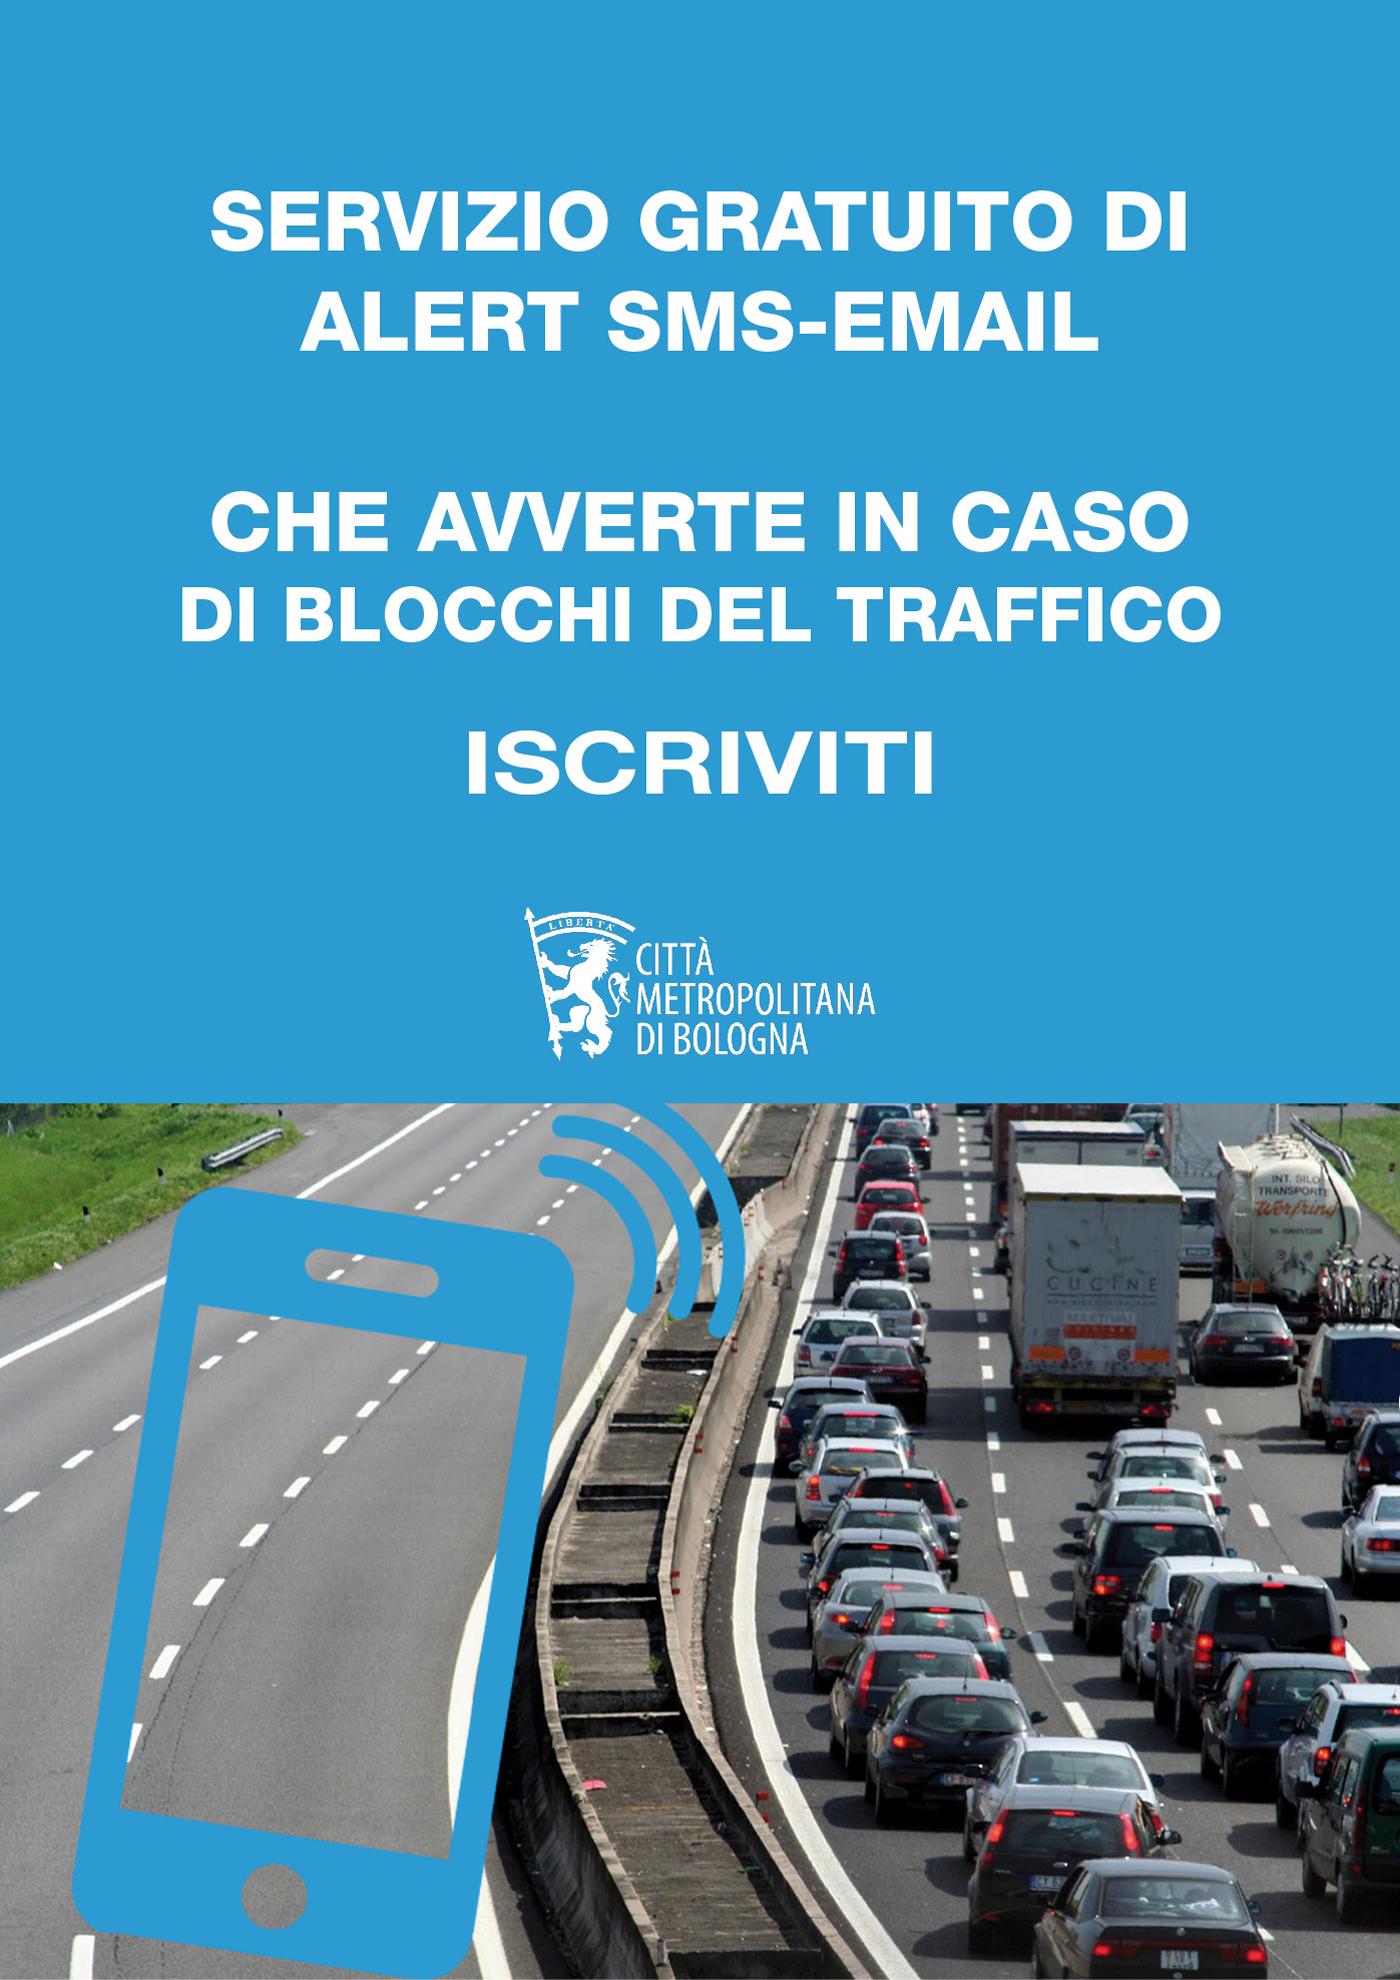 Servizio gratuito di Alert SMS - Email